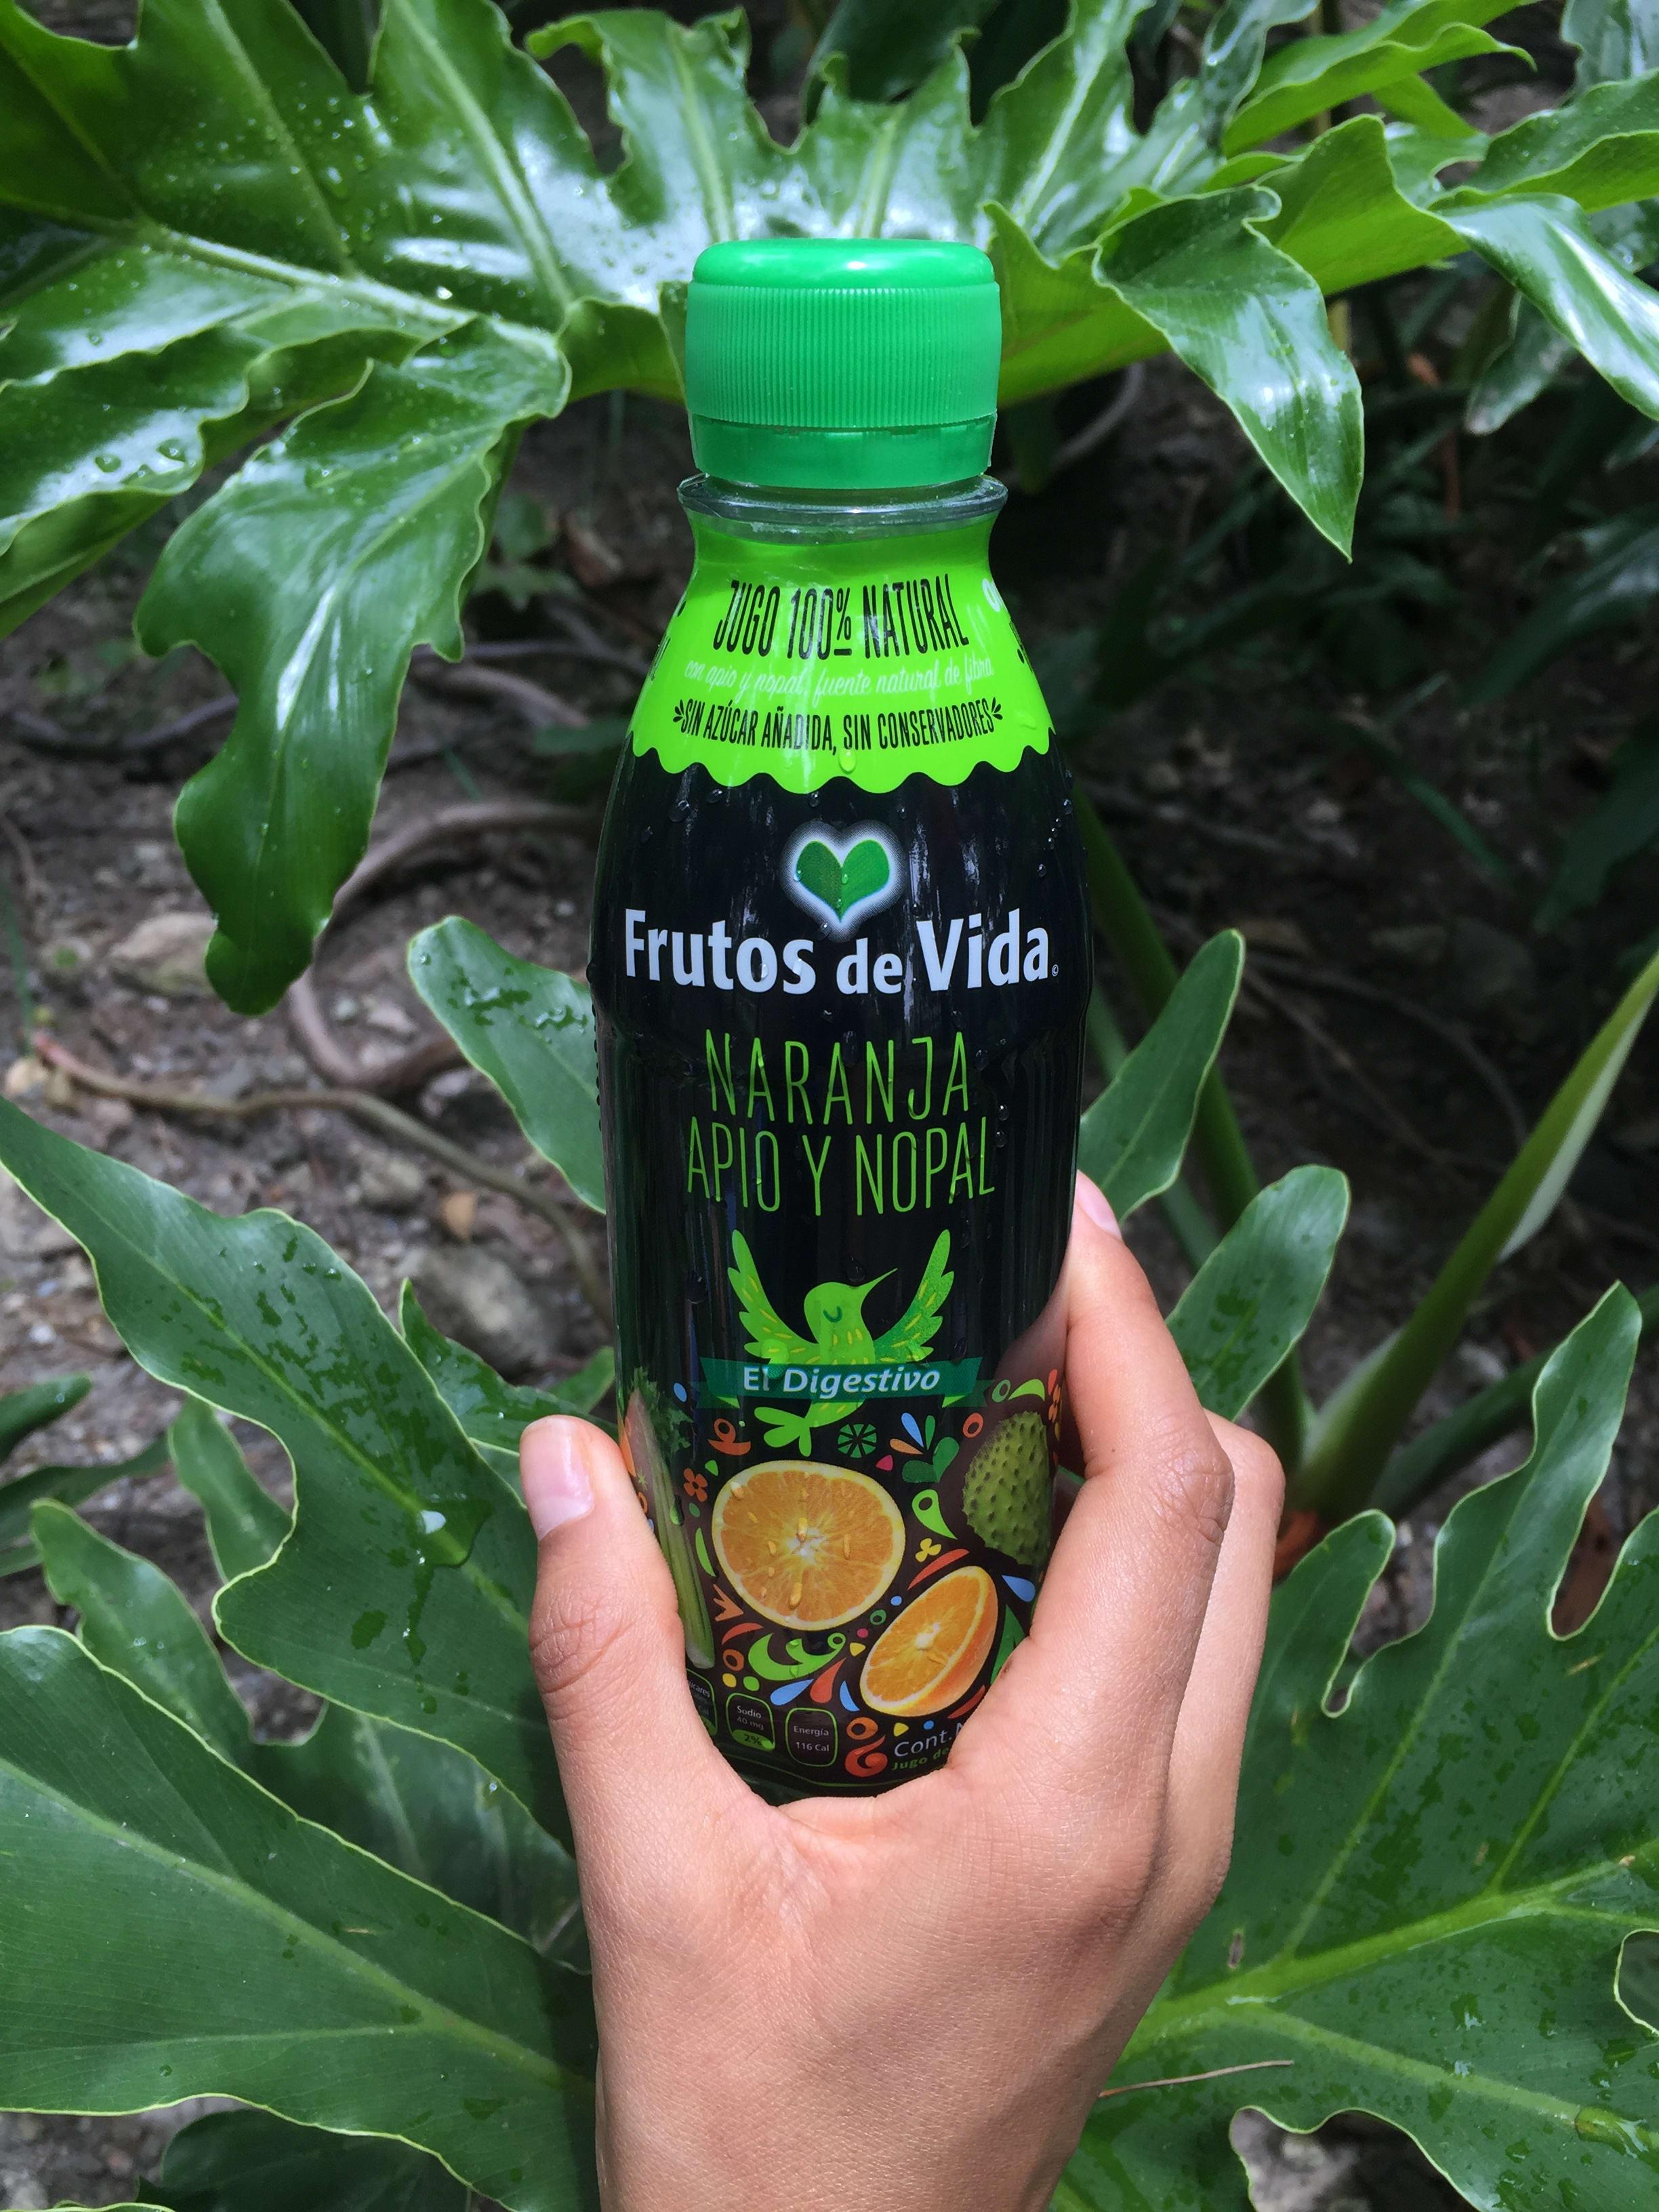 jugos saludables Frutos de Vida